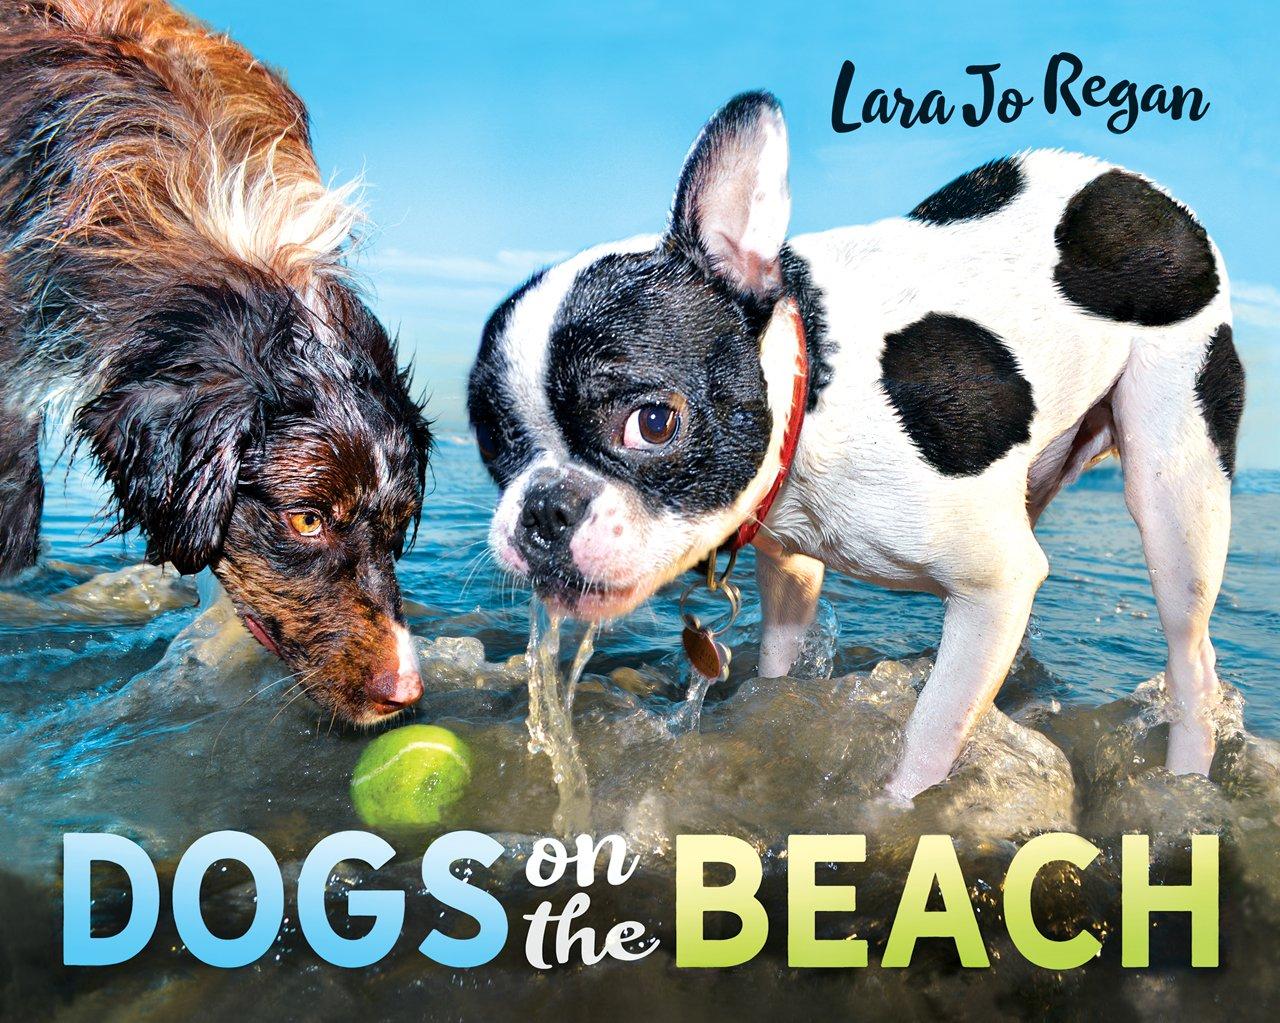 dogs on the beach.jpg